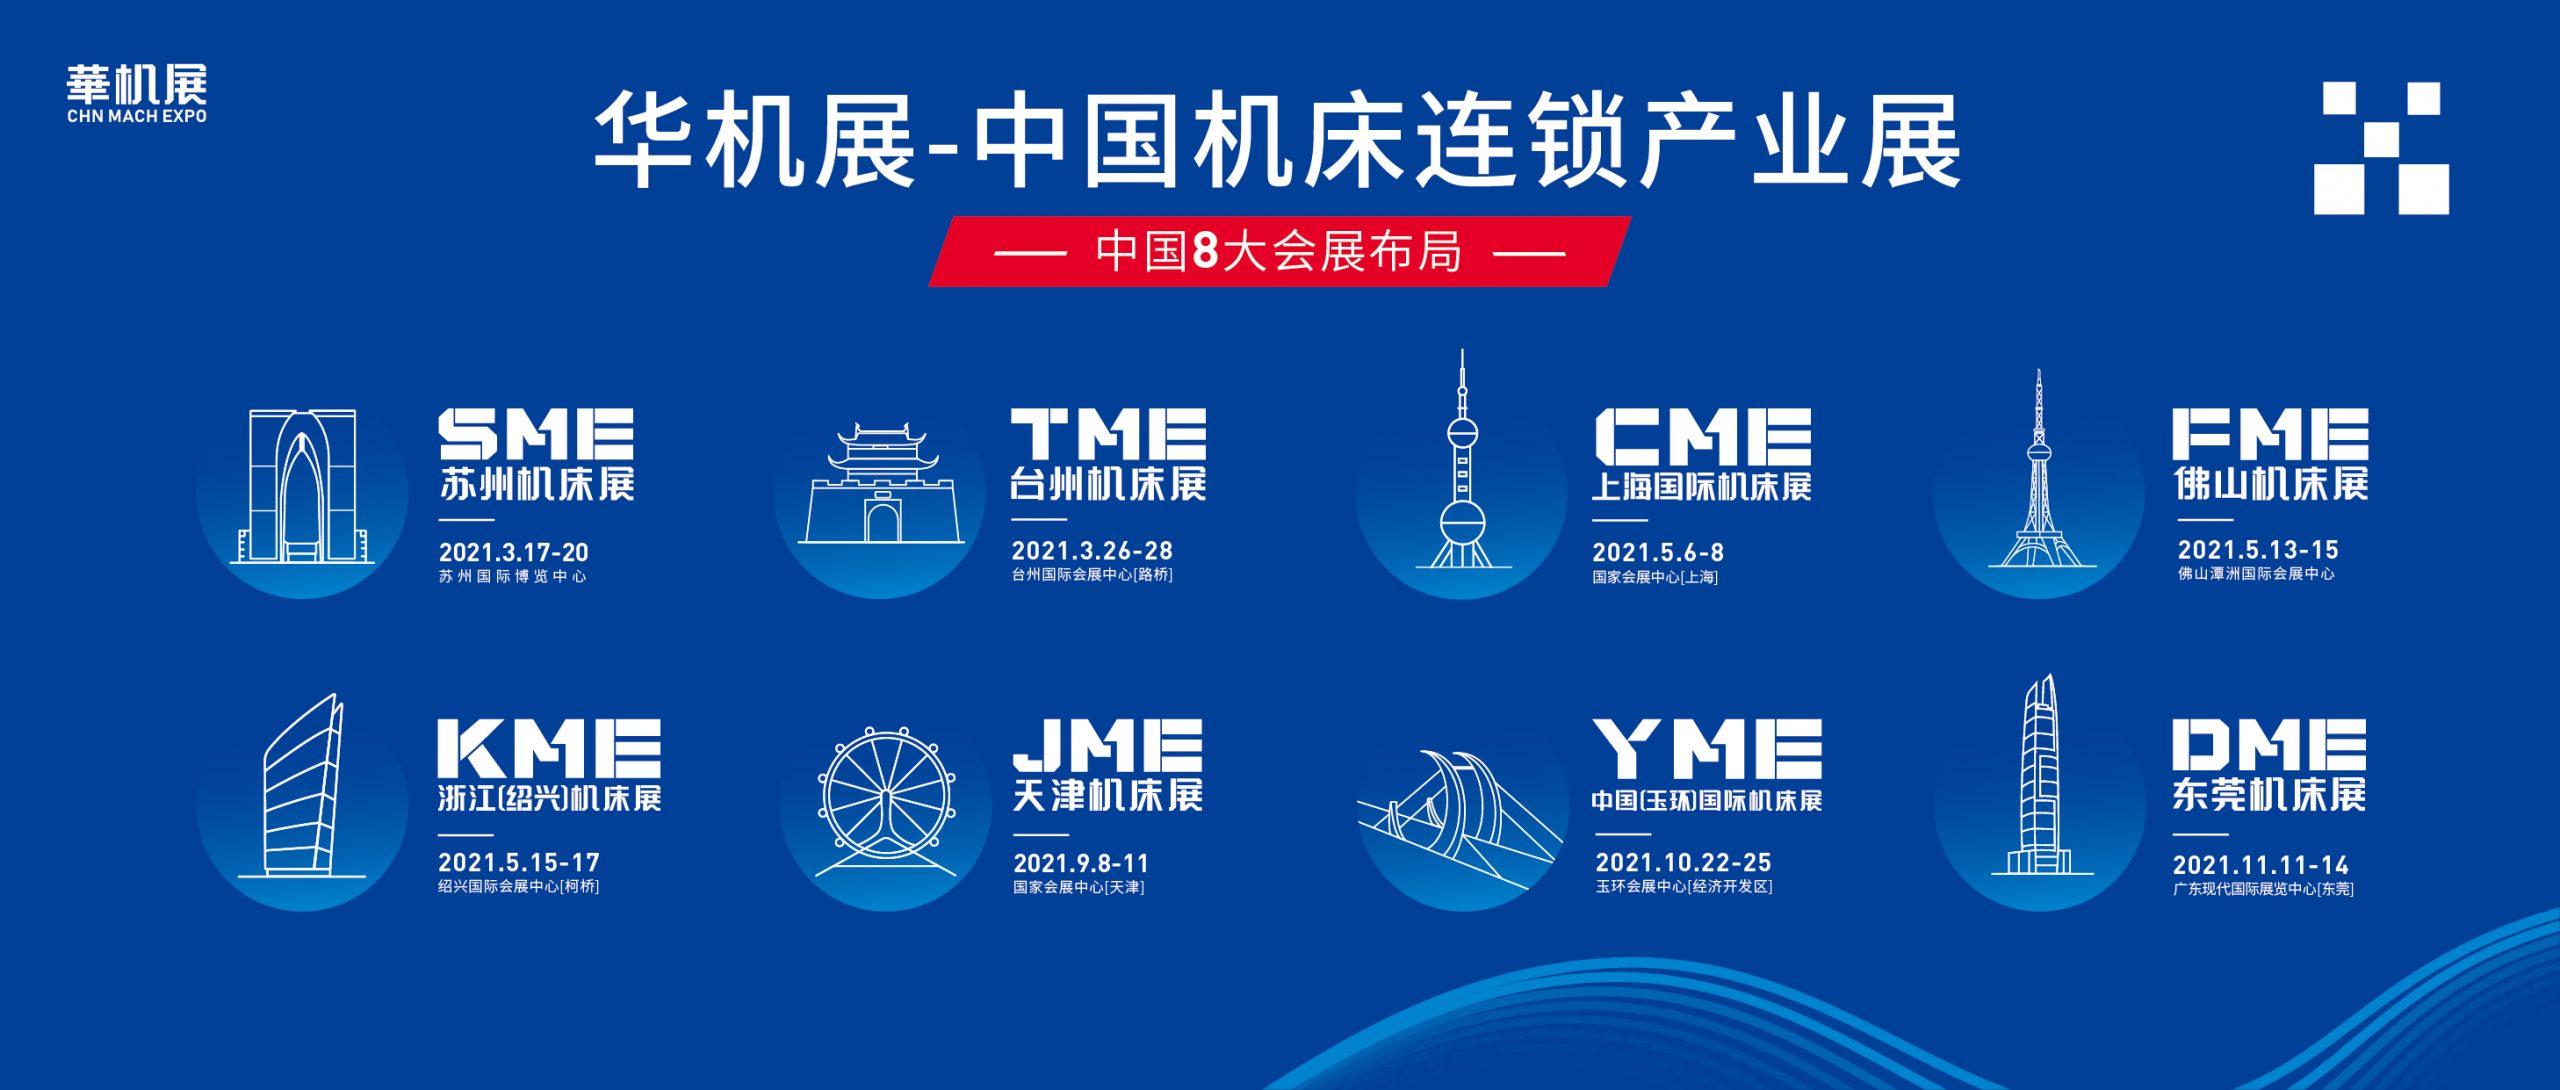 JME天津工博会